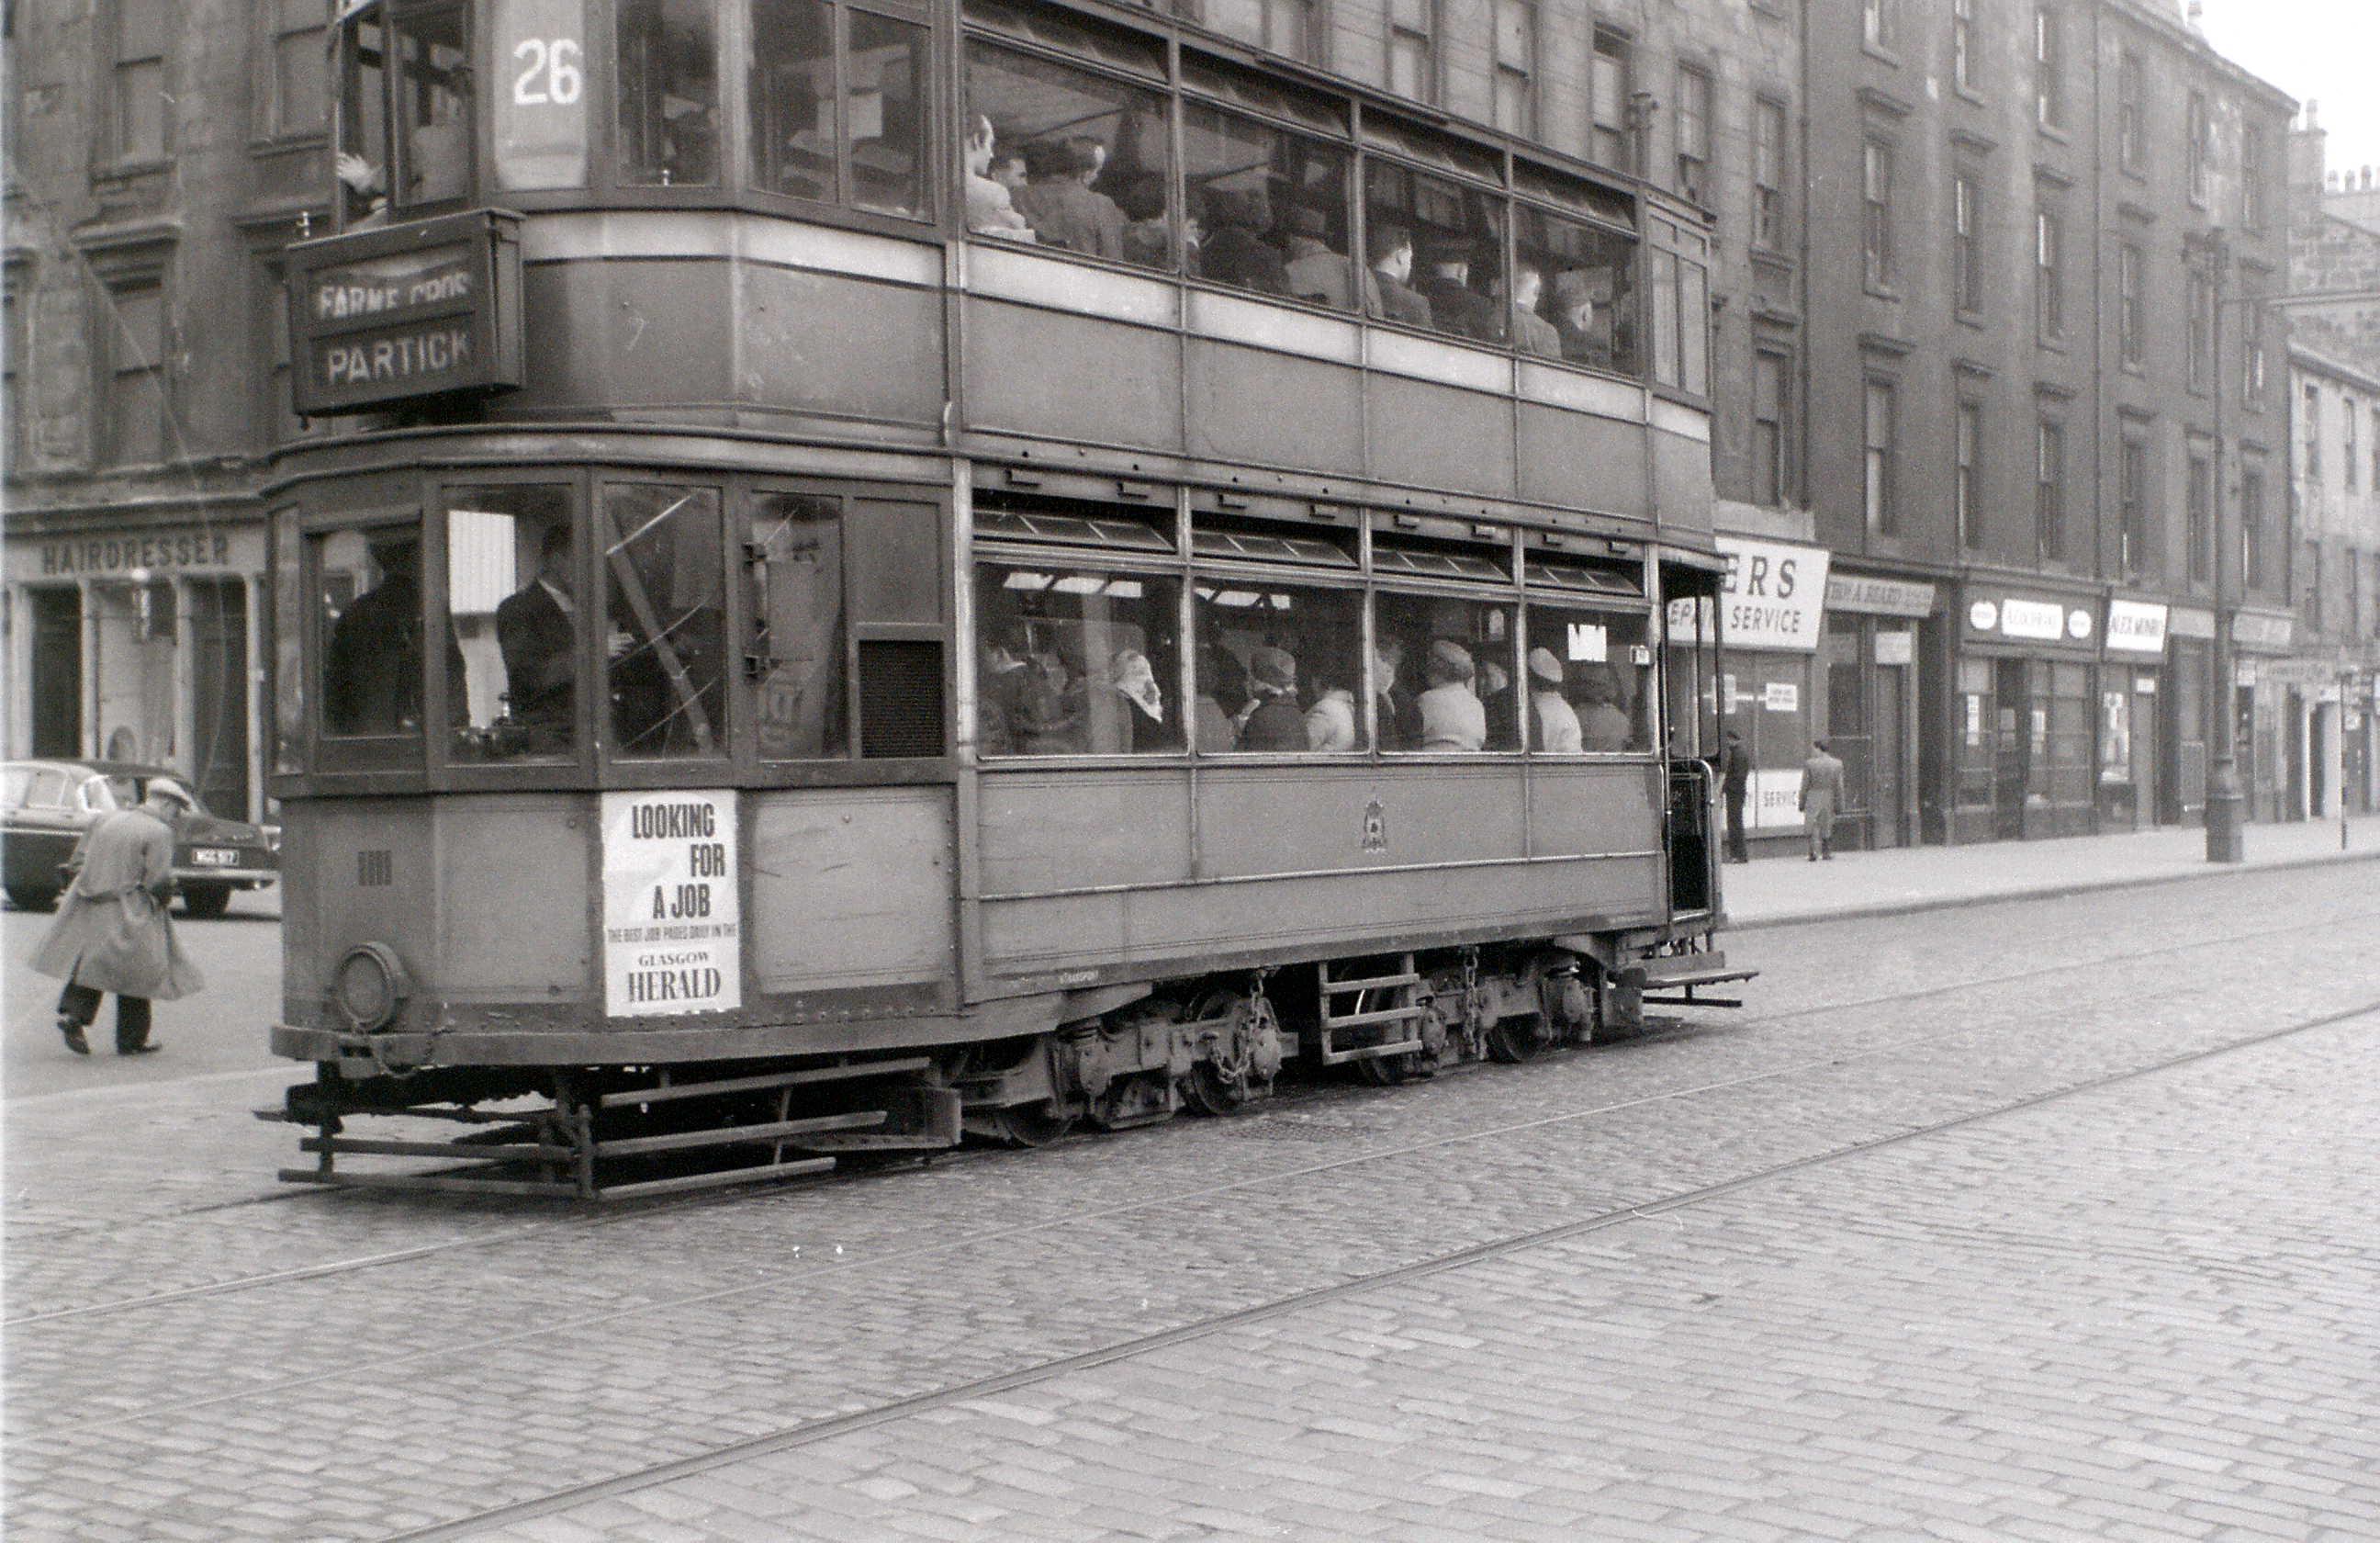 Глазго, 19 апреля 1960. Аргайл-Стрит1.jpg